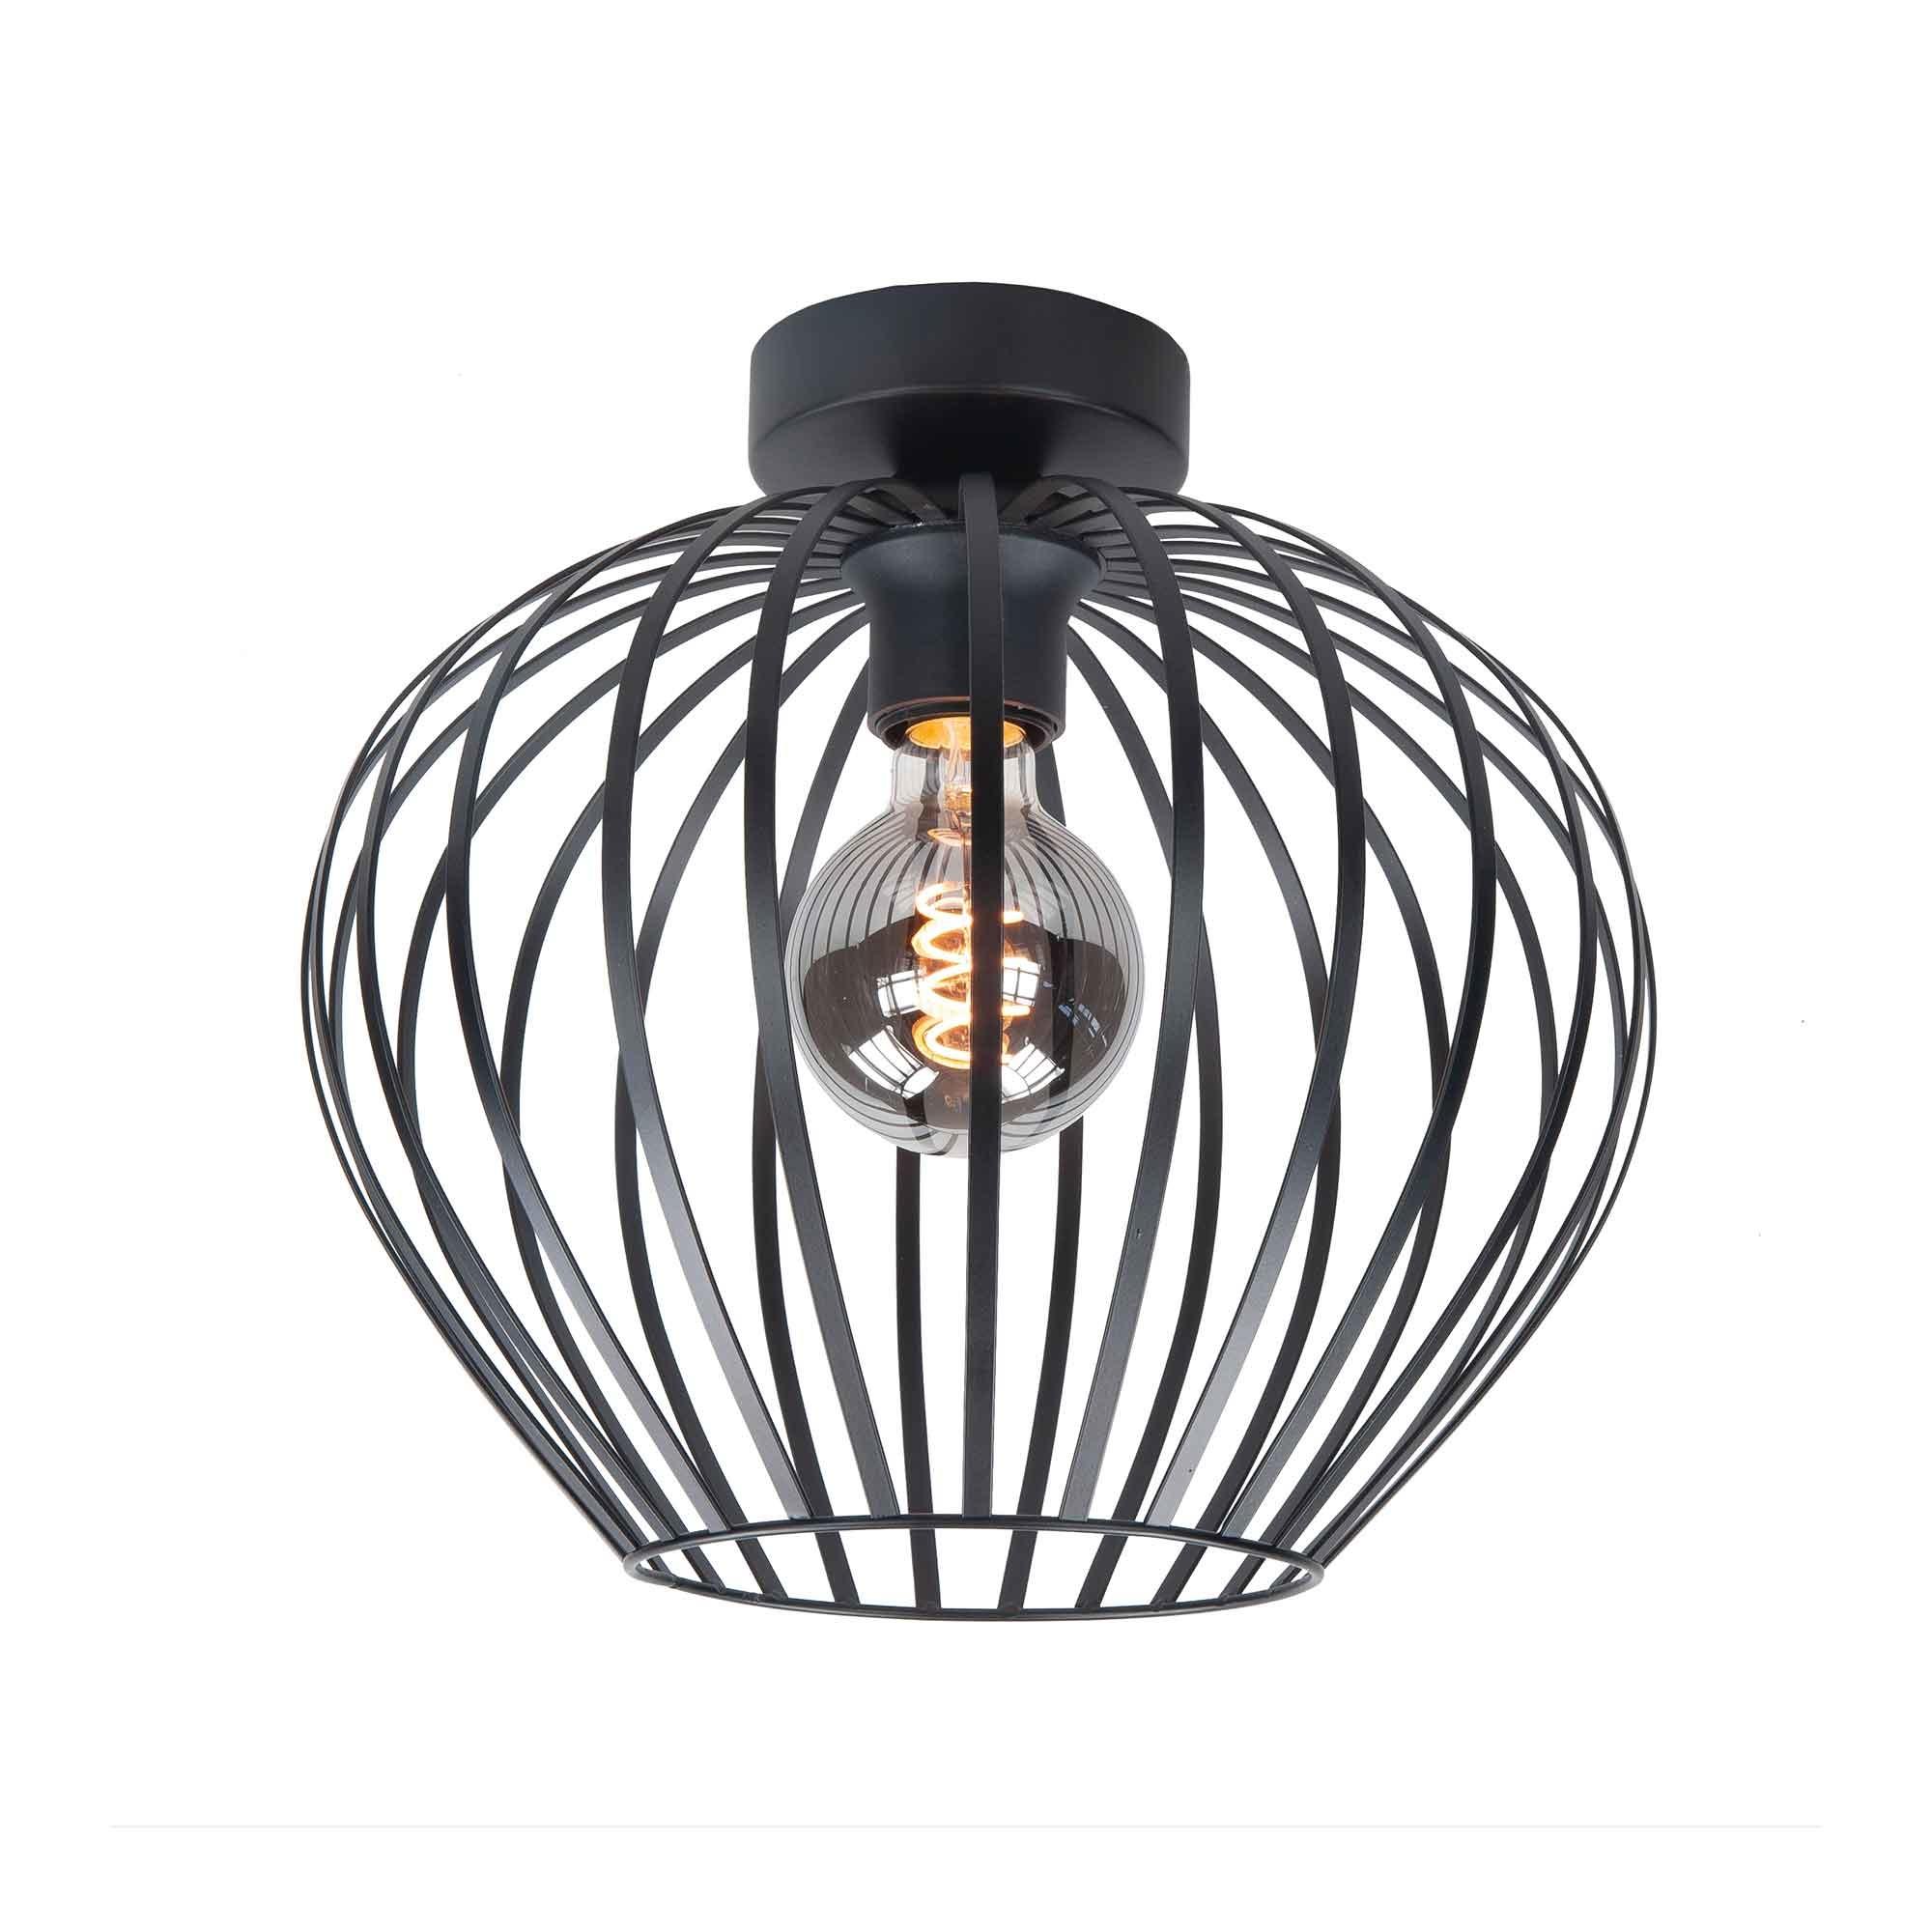 Highlight Plafondlamp Mela Ø 30 cm zwart